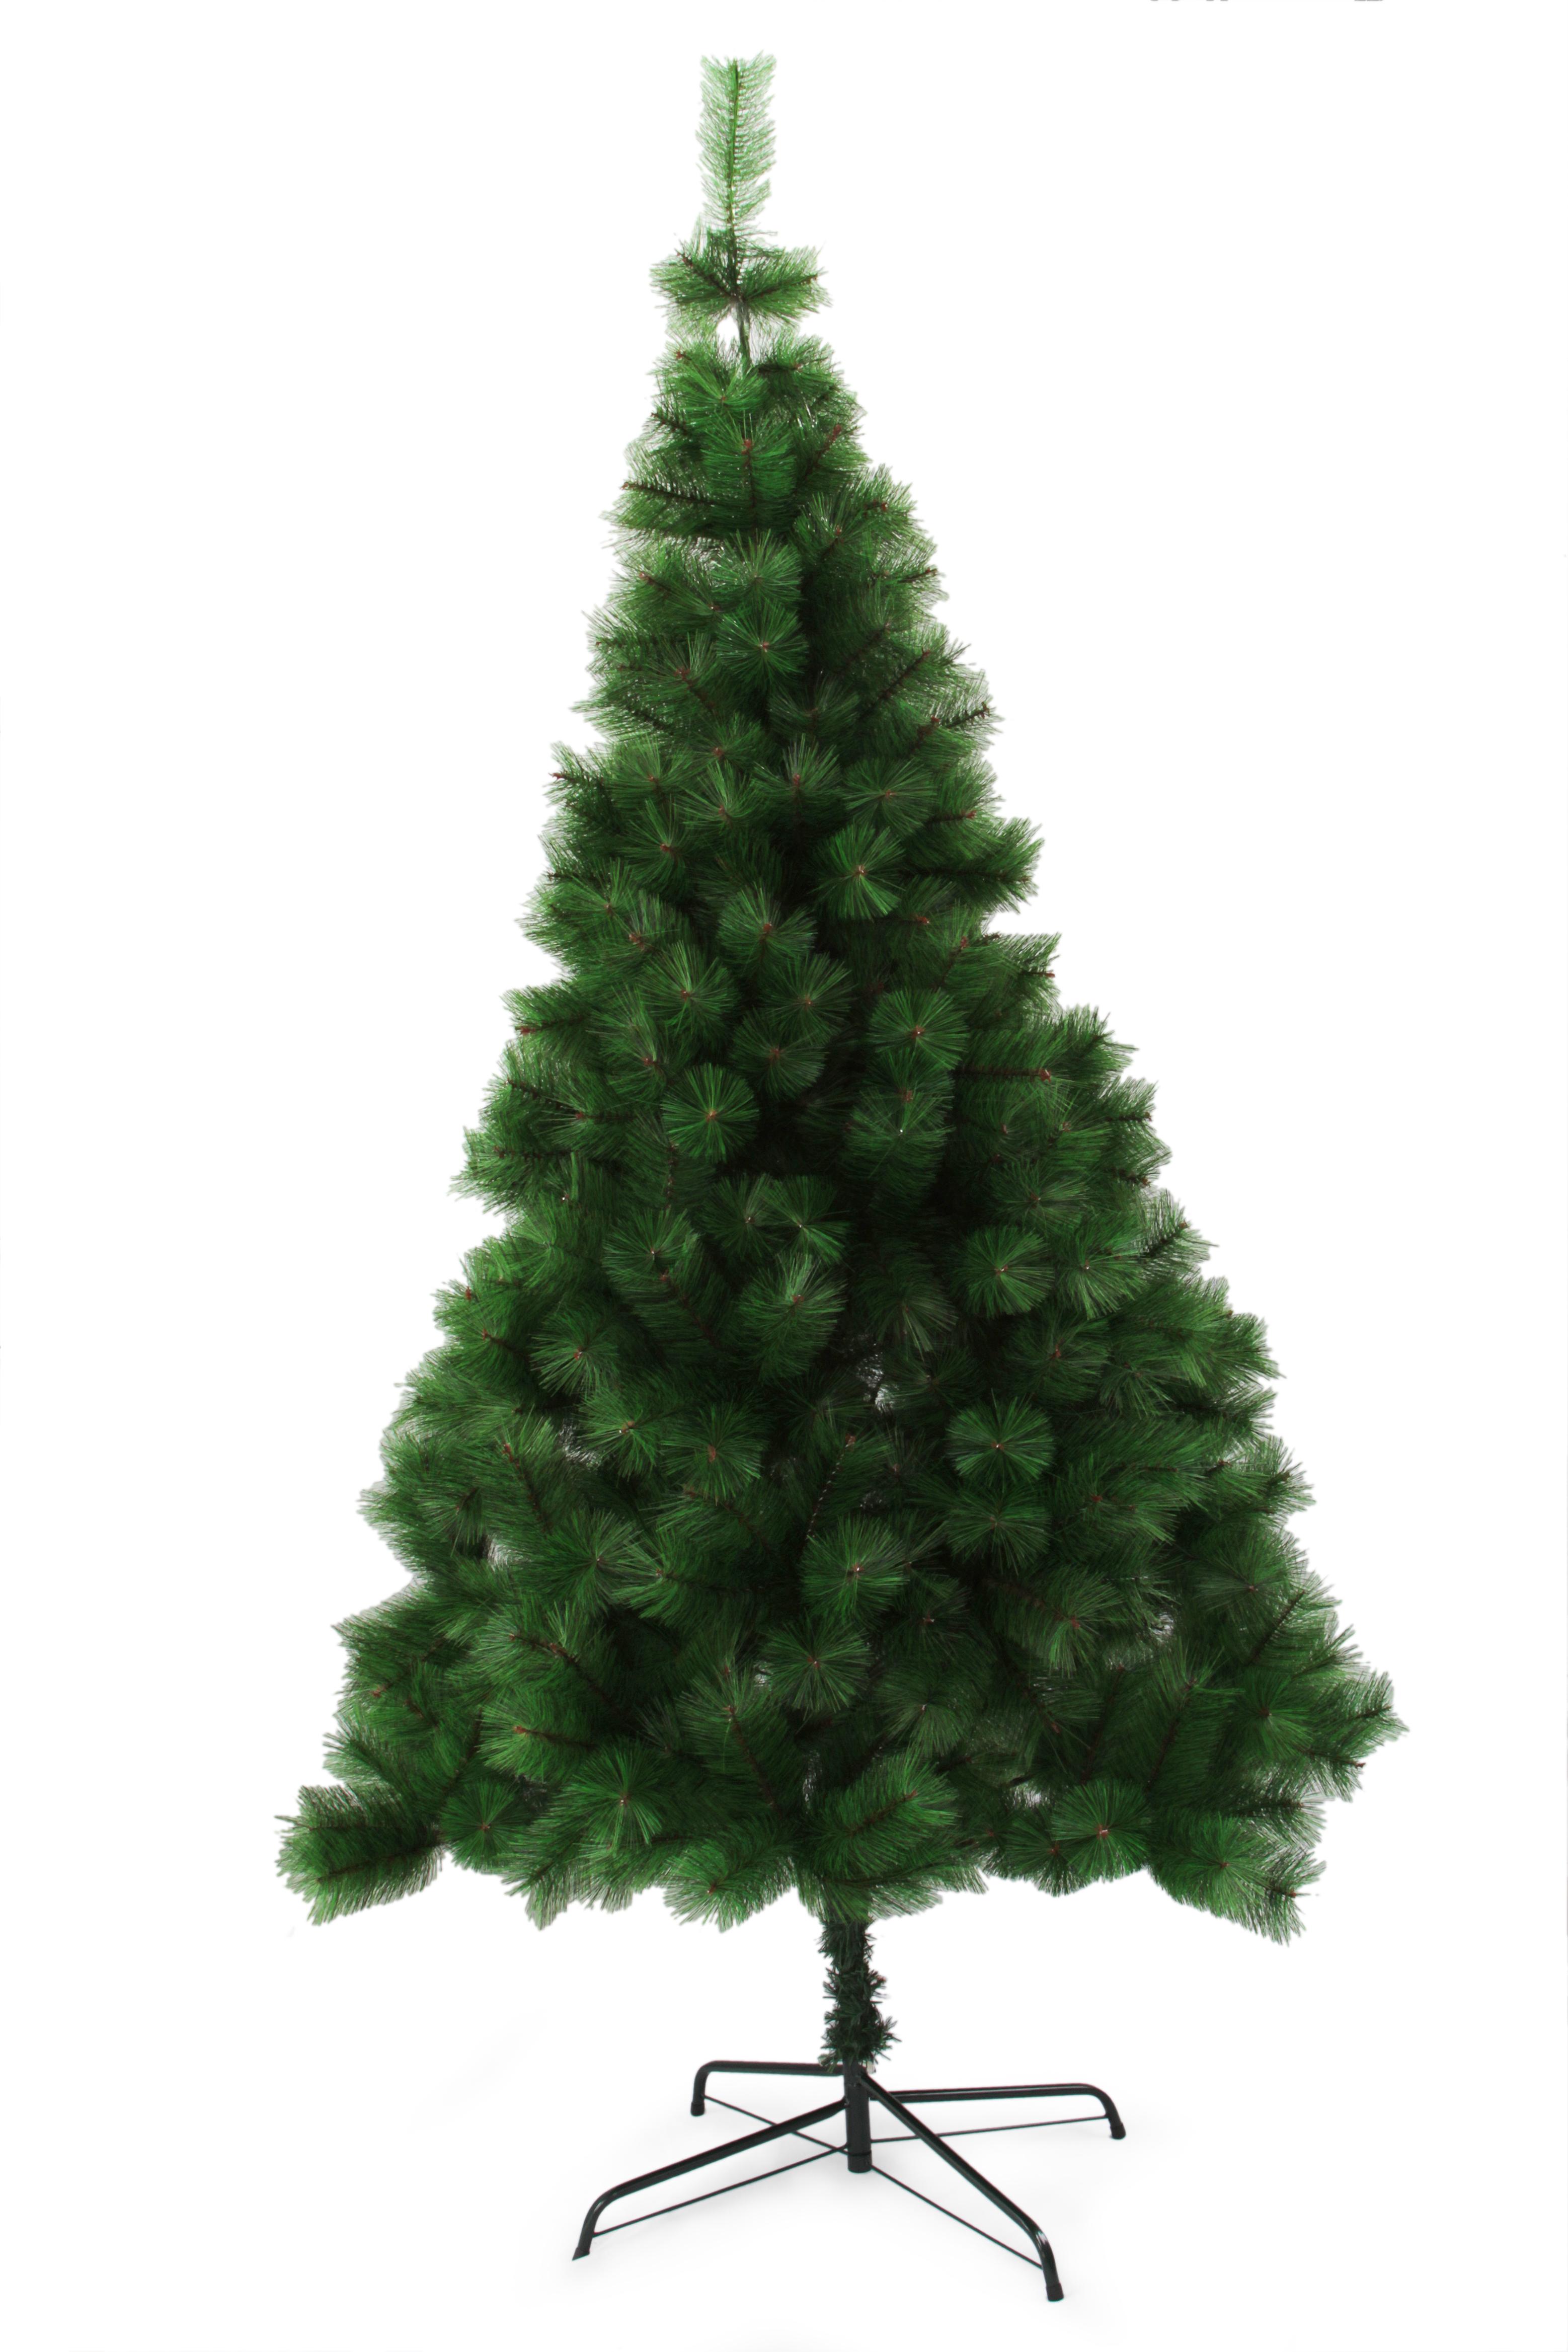 150 cm Vánoční stromek se stojanem, ZELENÁ BOROVICE